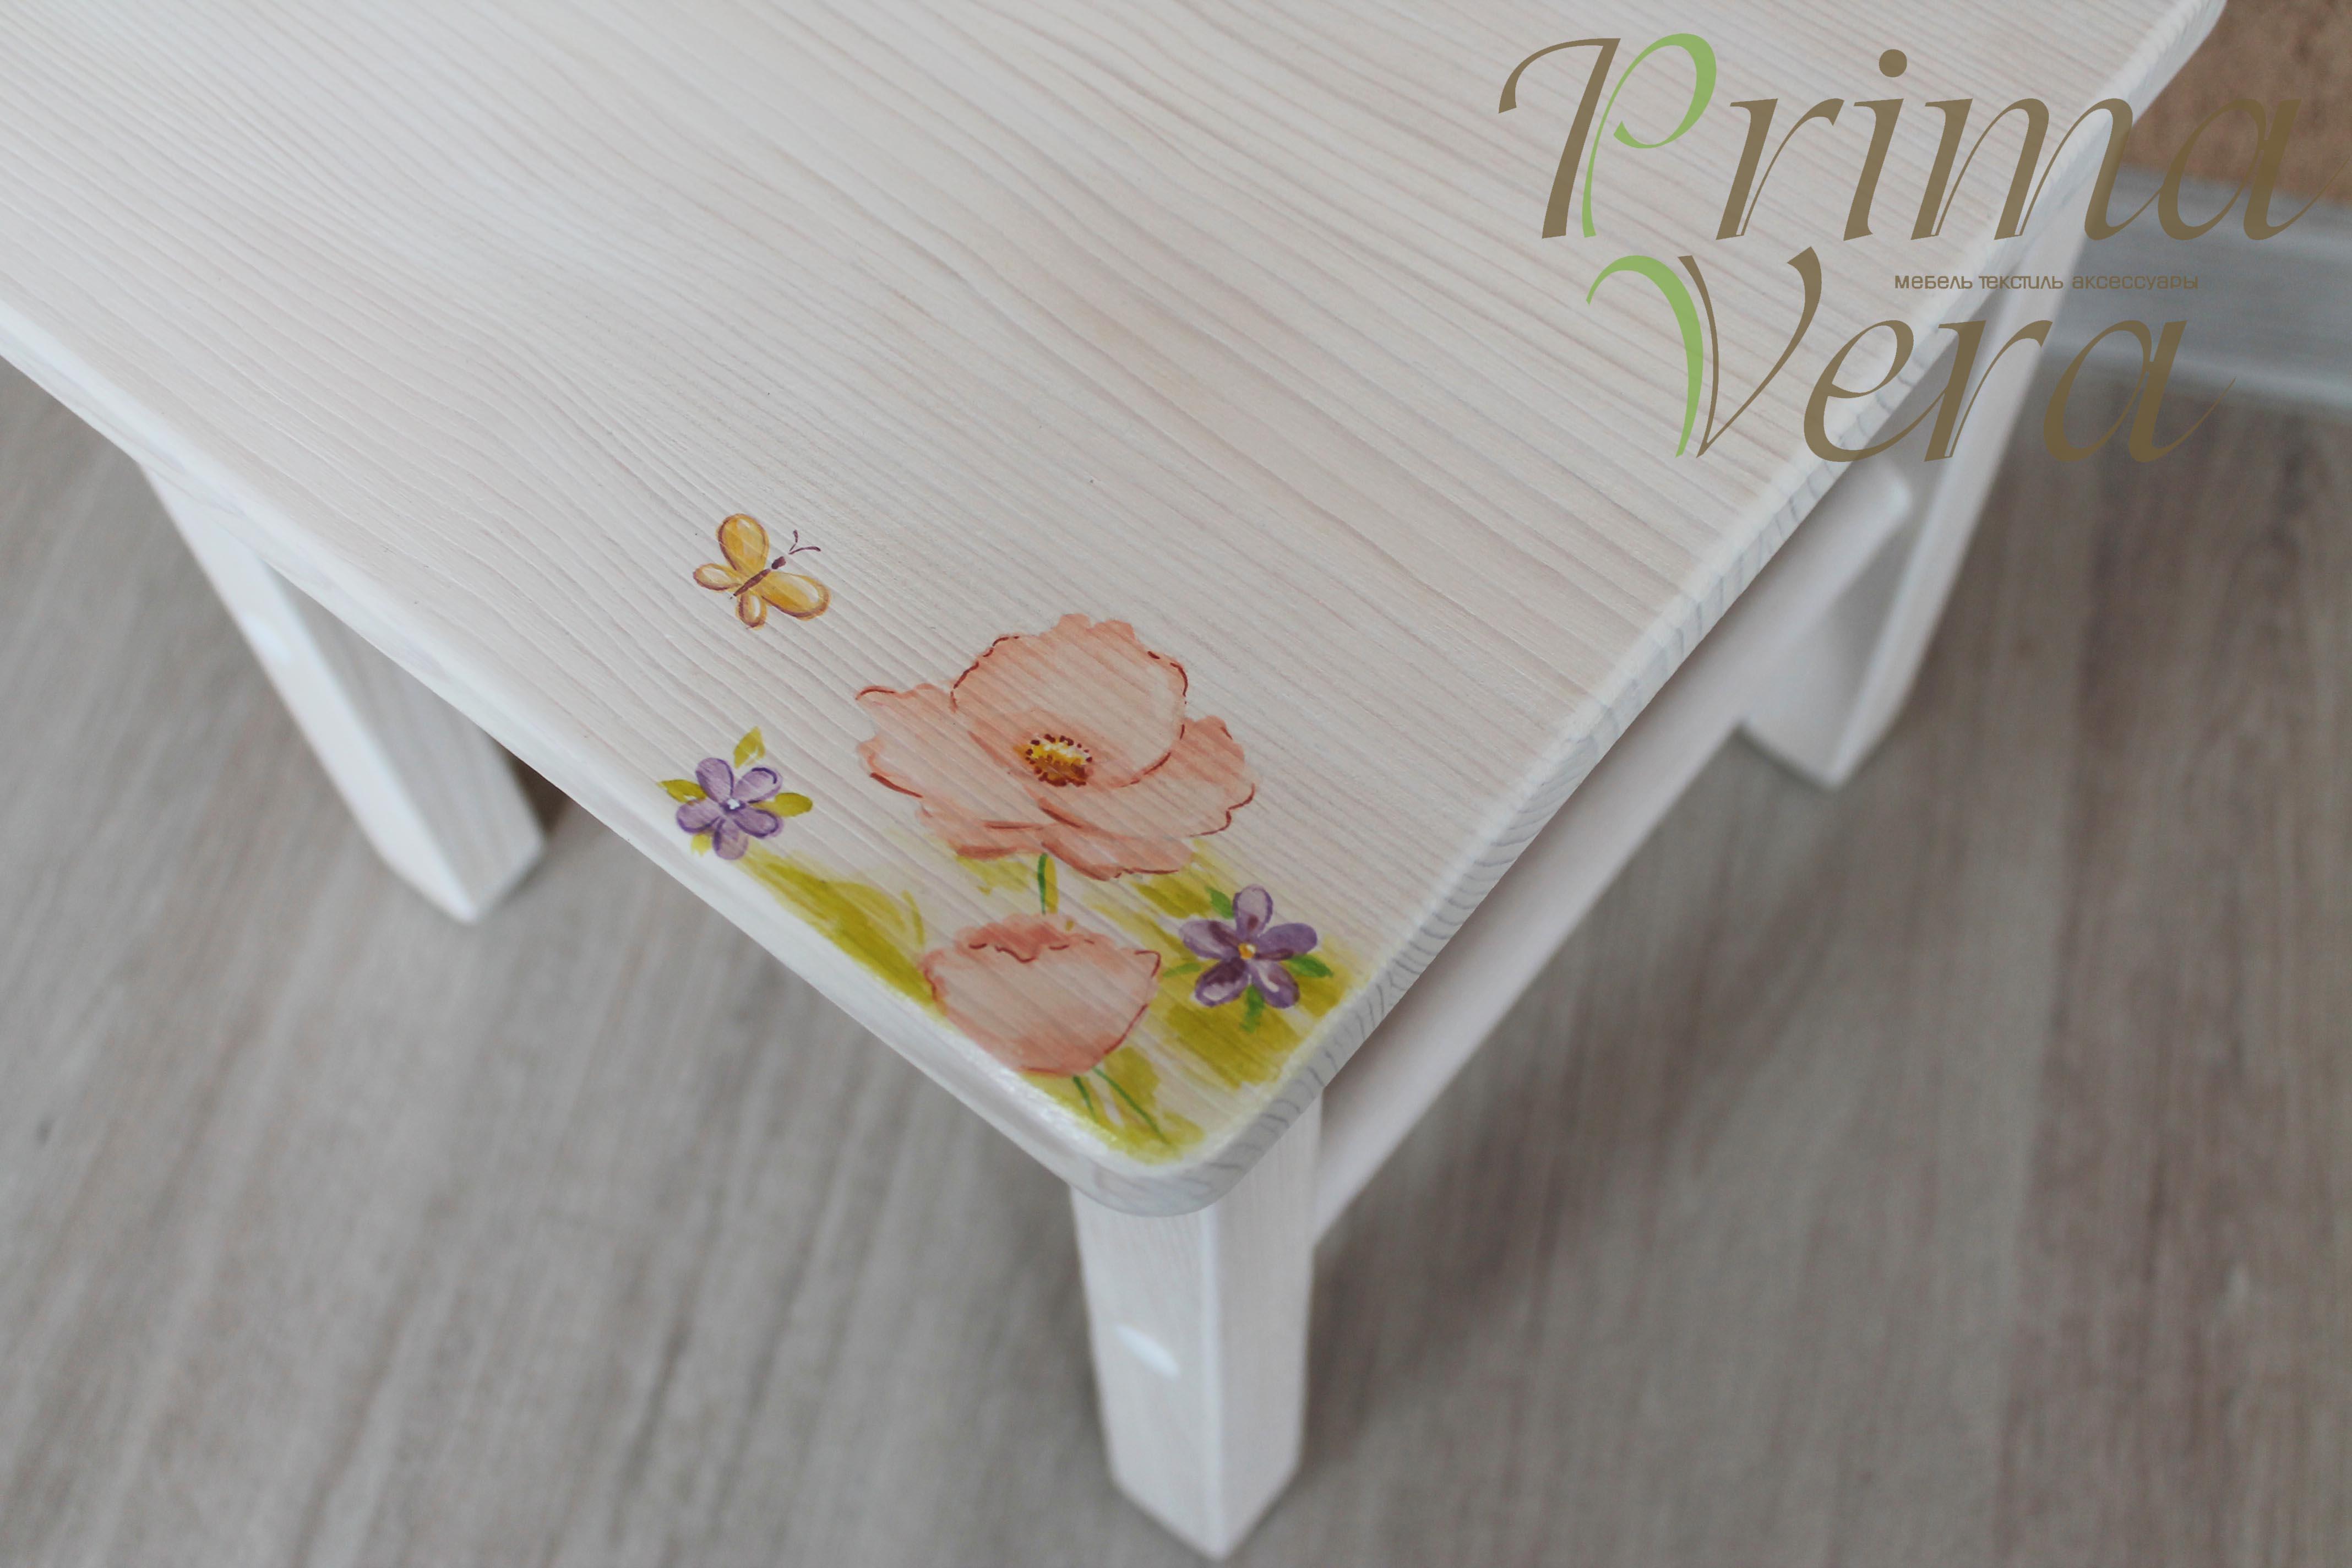 роспись на стуле